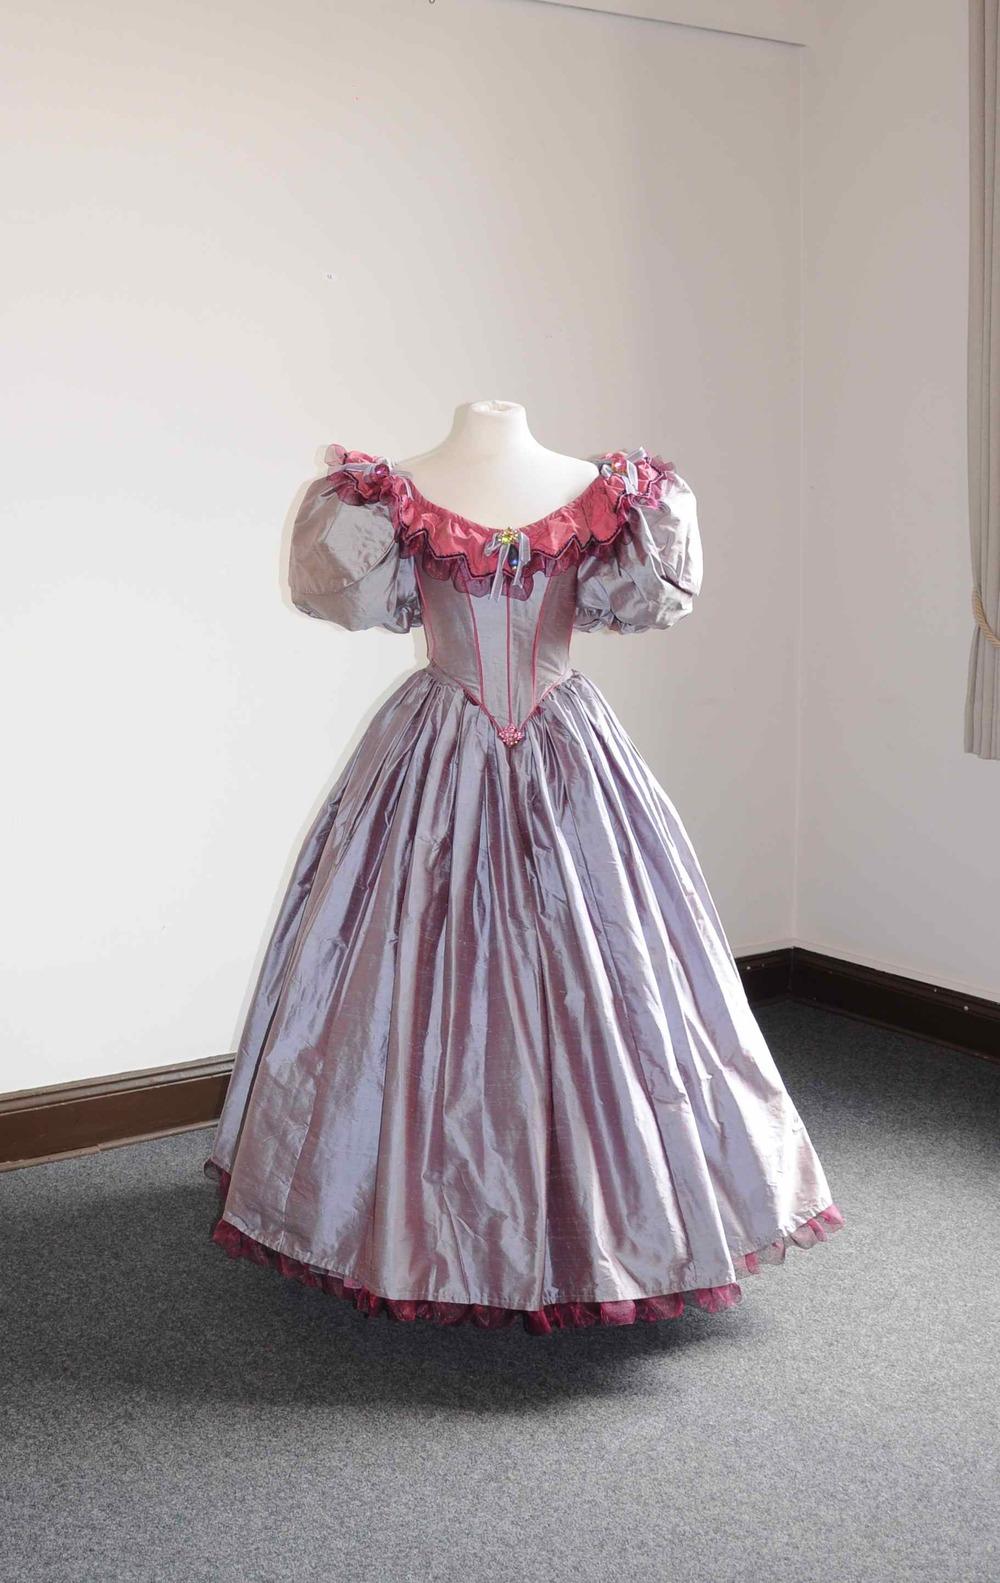 Robe 1830 en soie mauve